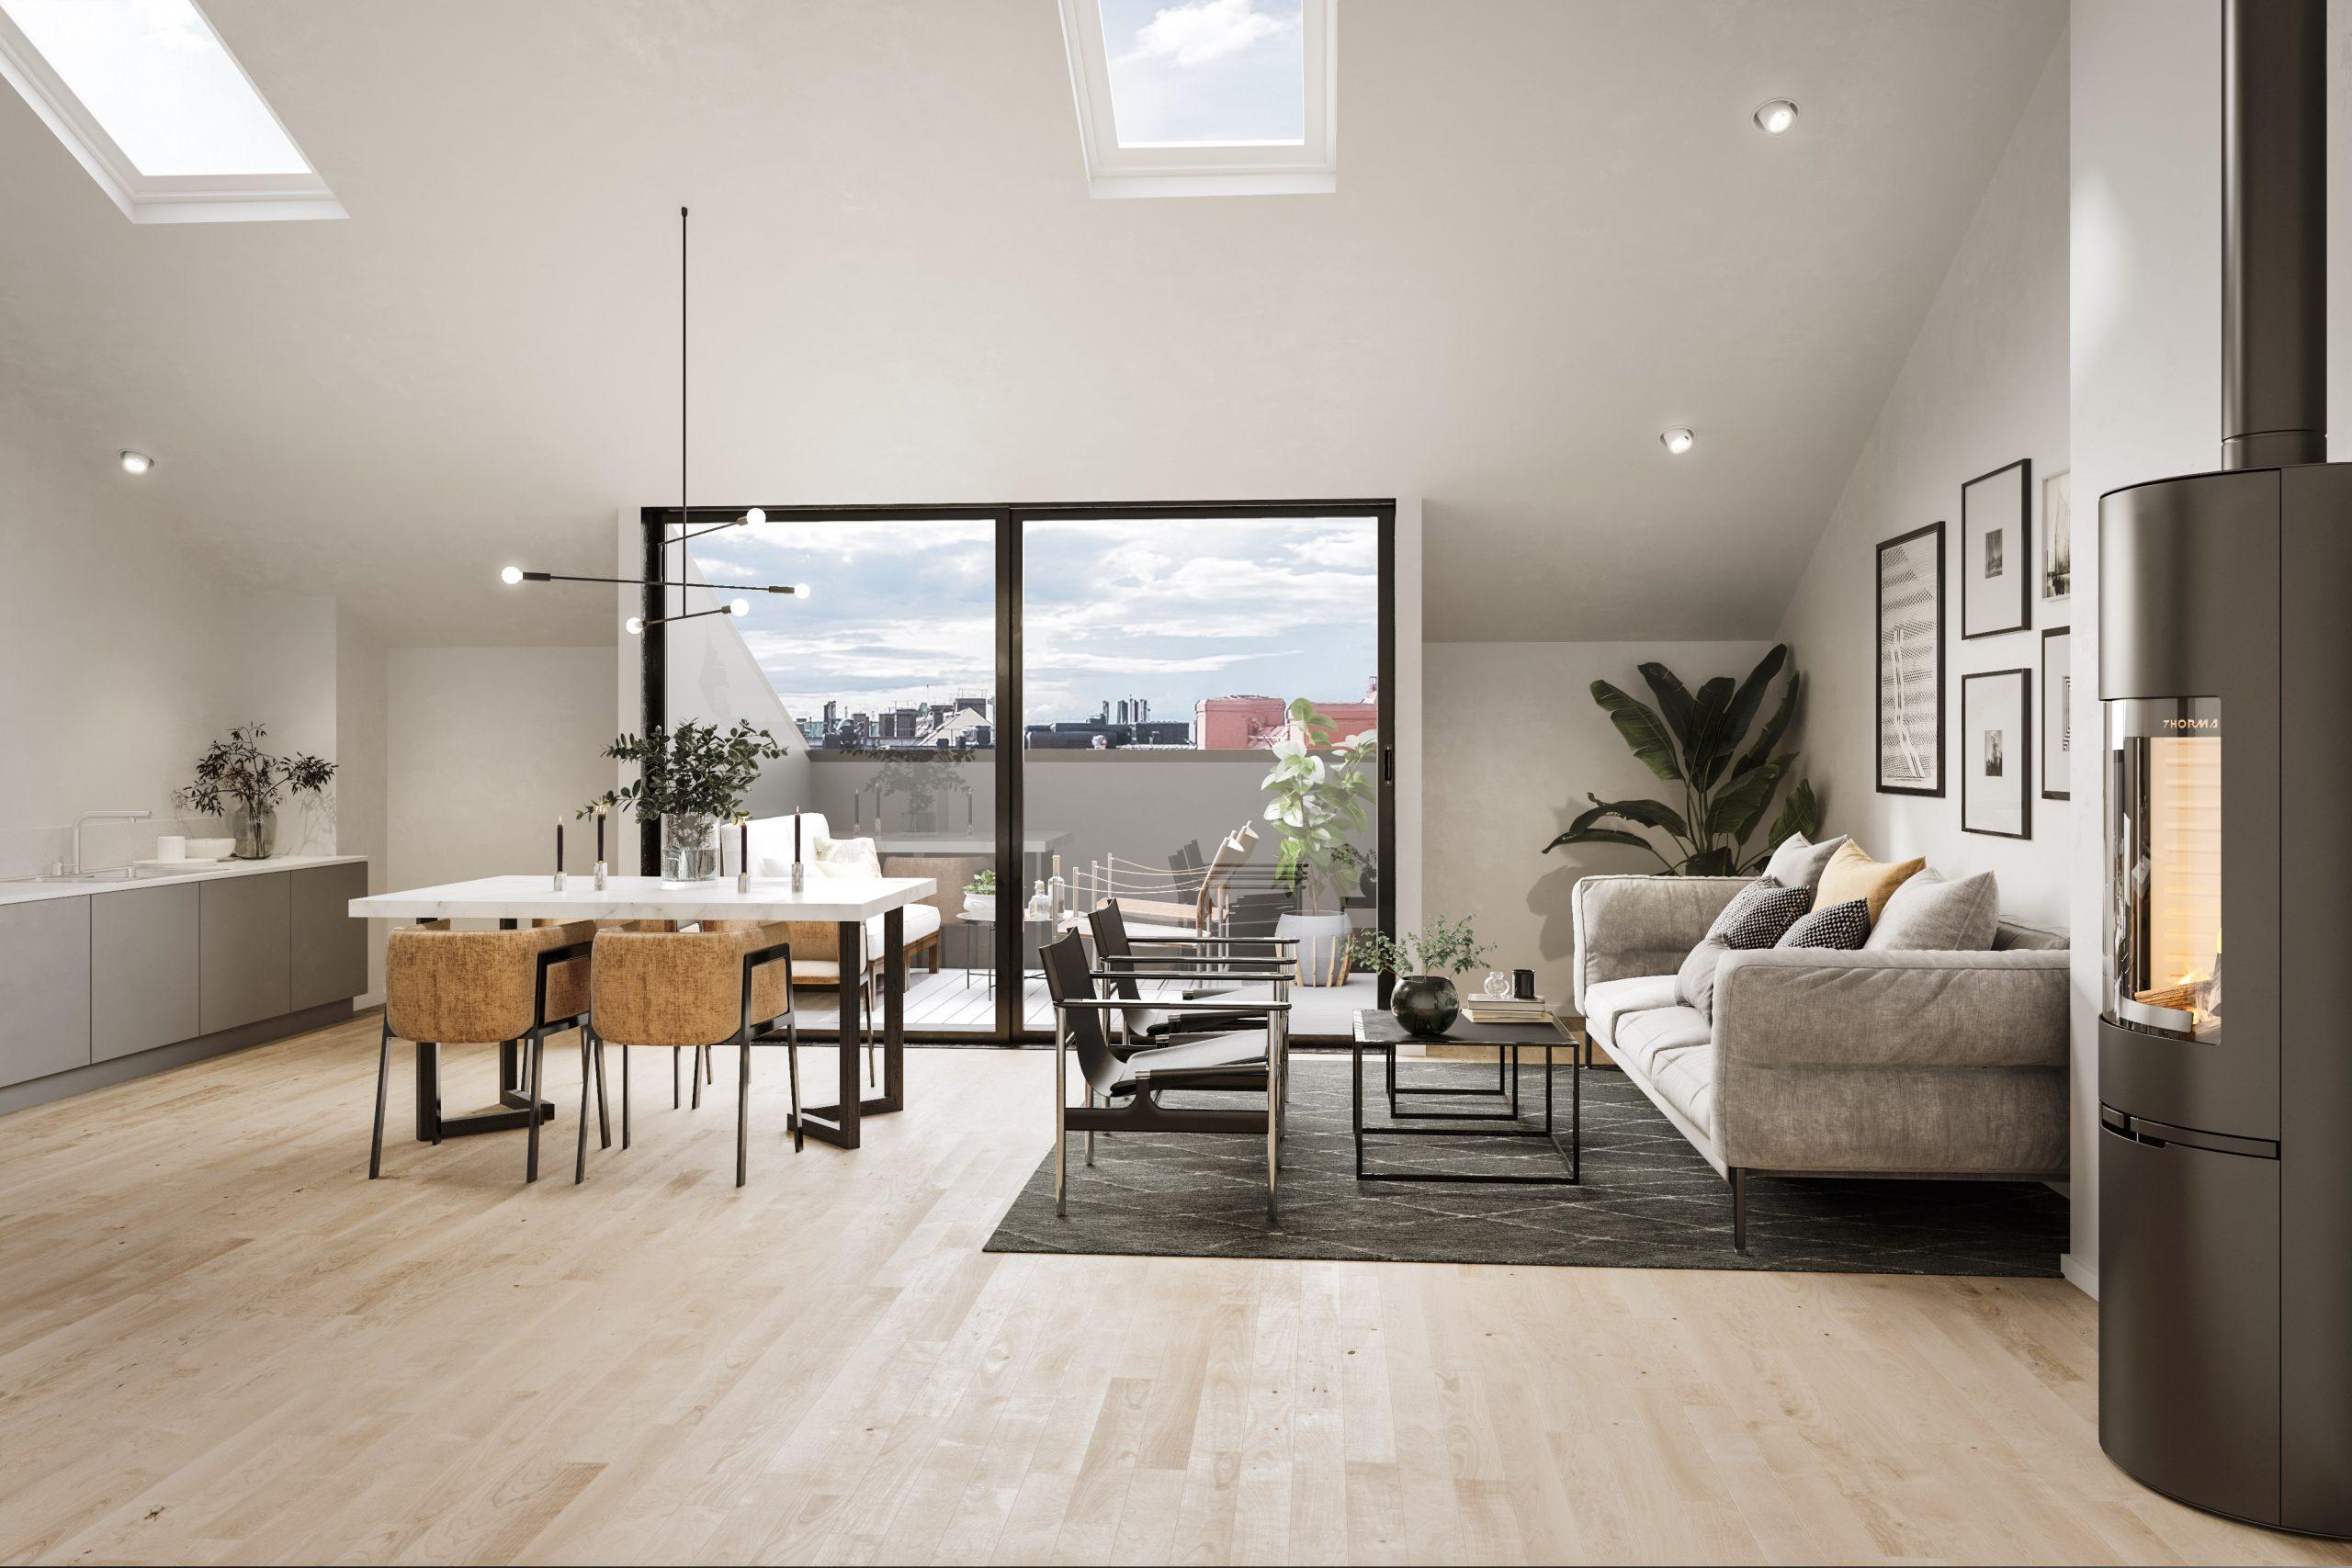 Simon Crest - Exklusiva fastighetsmäklare - När du söker exklusiva vindsvåningar och ett riktigt drömboende.